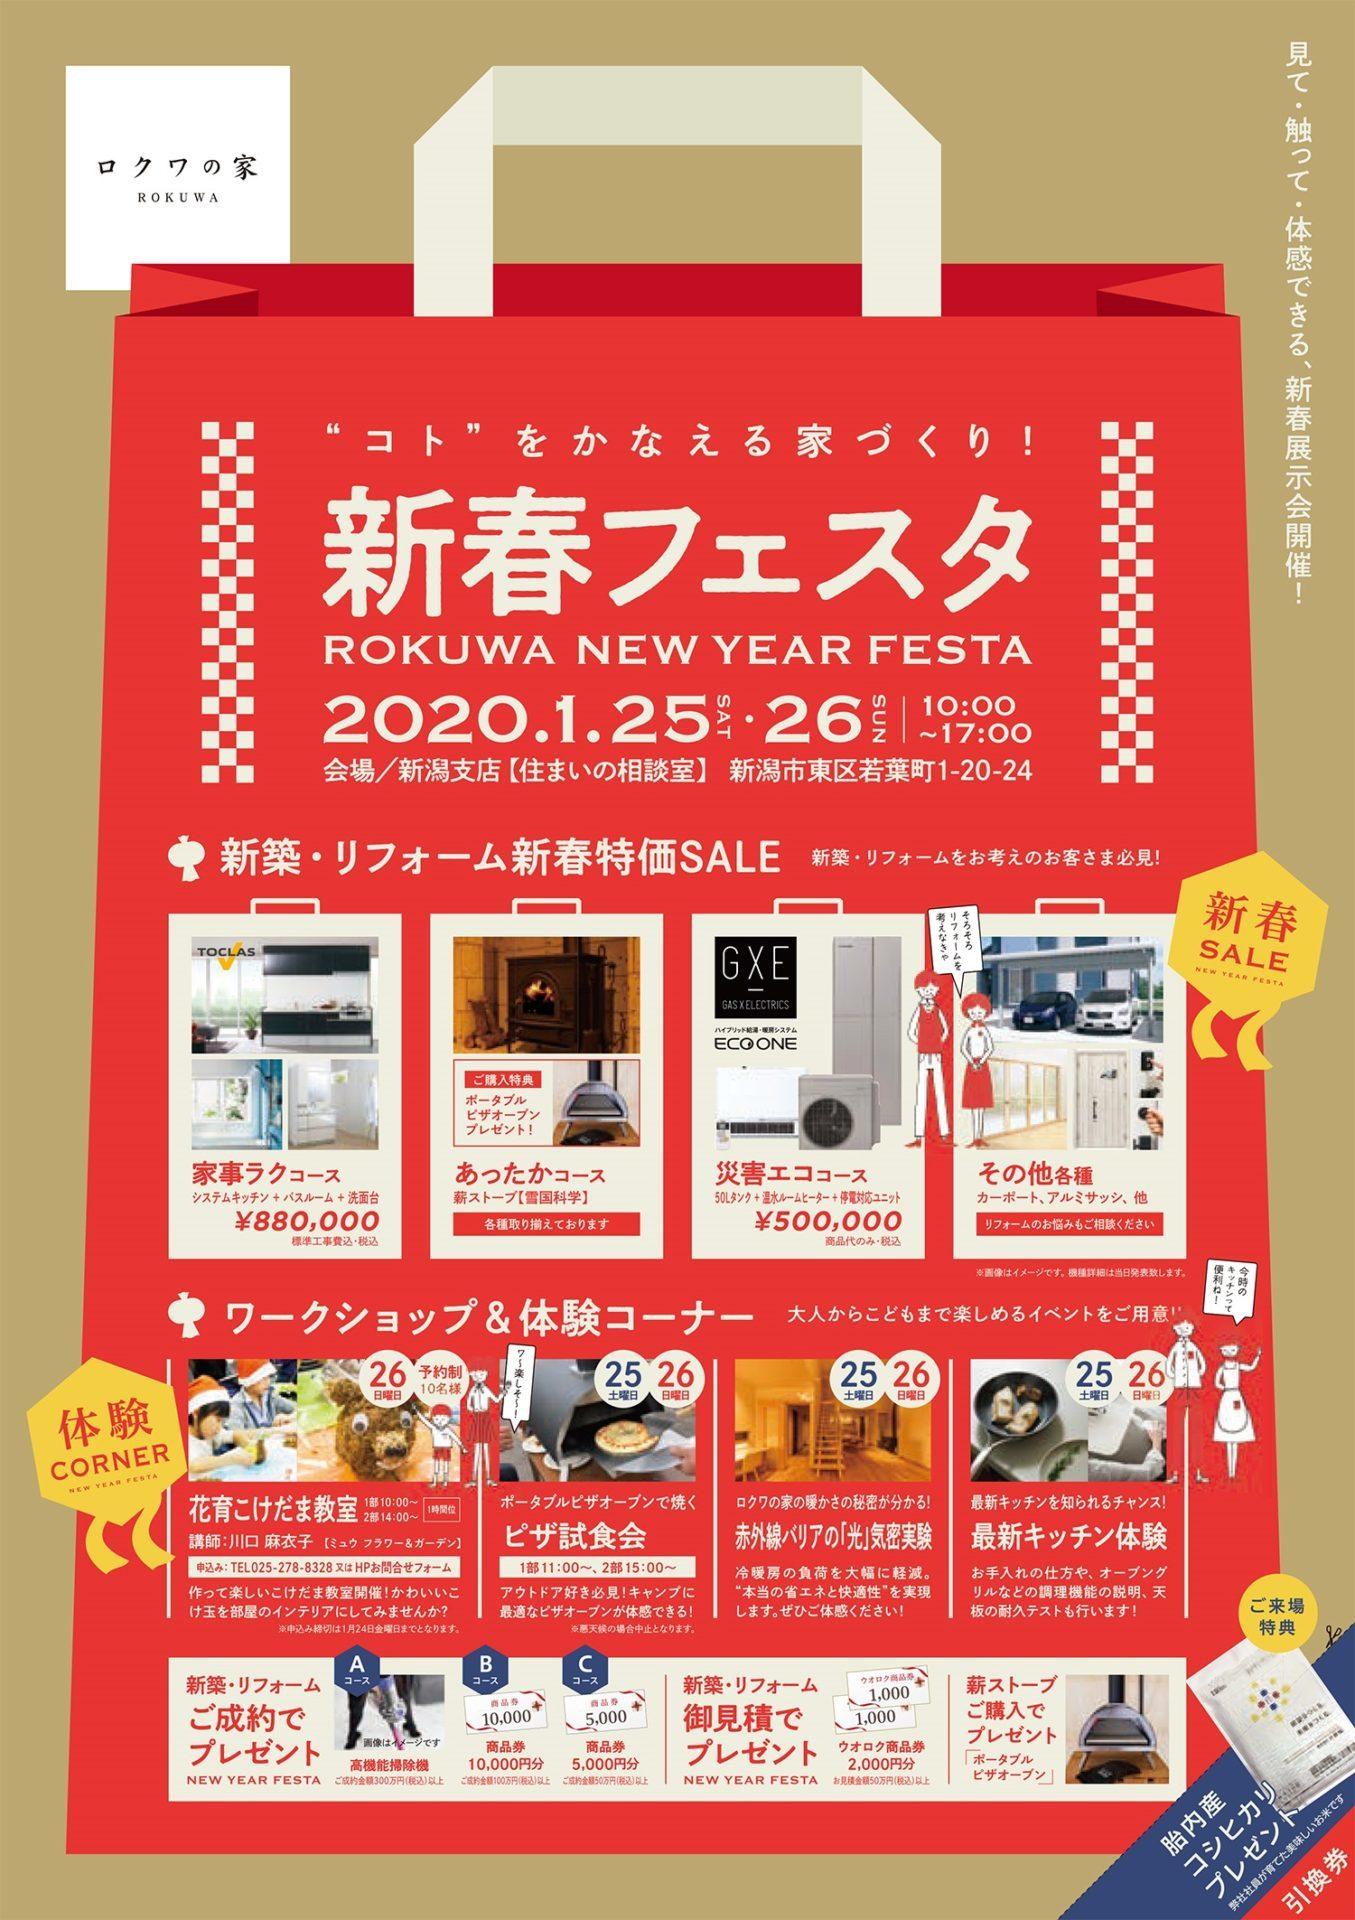 小野組 新春フェスタ~ROKUWA NEWYEAR FESTA~_a0045293_14235590.jpg